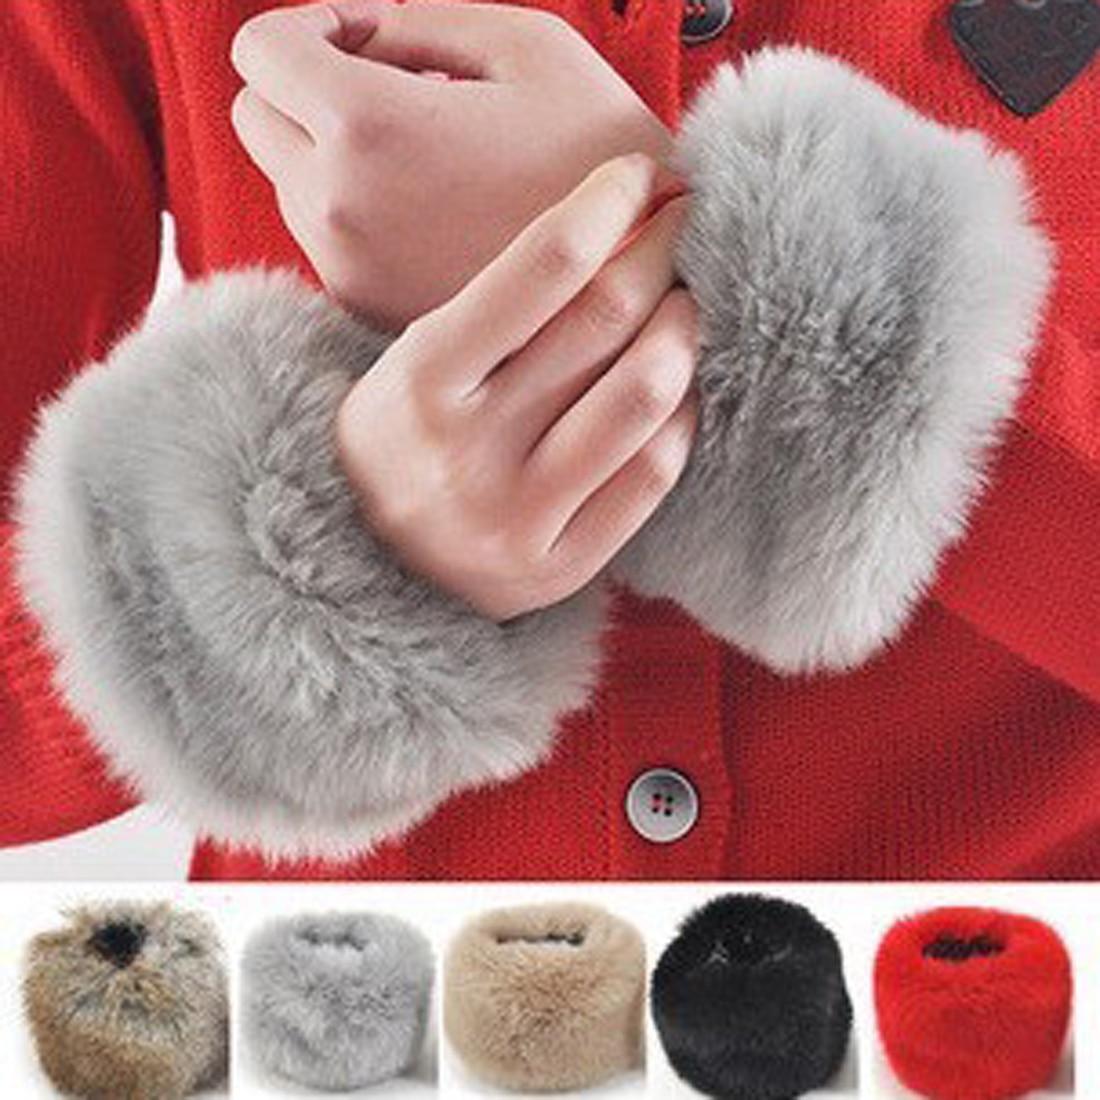 Herzhaft 2019 Mode Winter Warme Frauen Faux Pelz Handgelenk Wärmer Slap Auf Manschetten Arm Wärmer Hohe Qualität Modische Und Attraktive Pakete Damen-accessoires